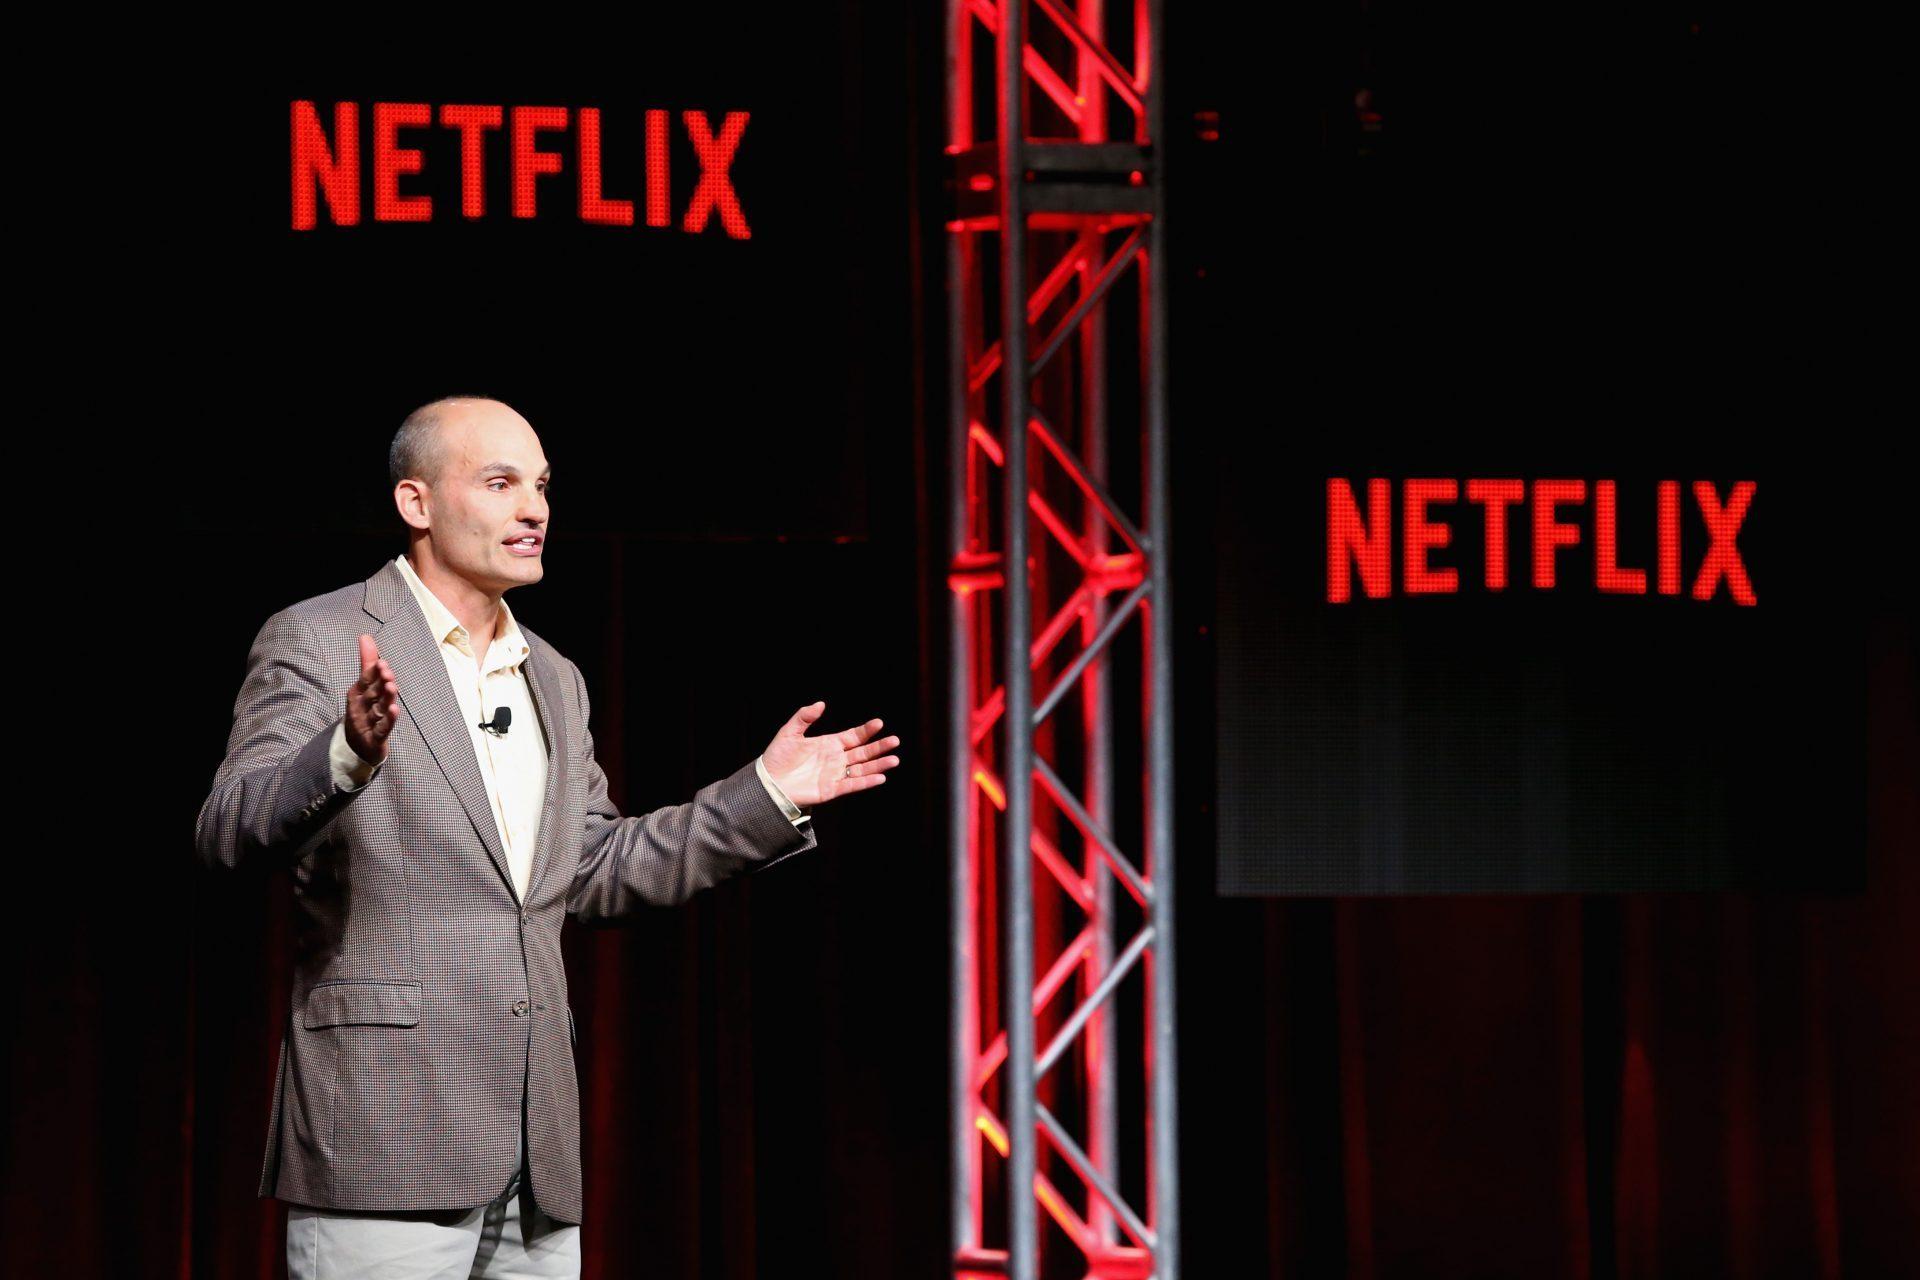 Como um case do Netflix explica o desafio do equilíbrio entre a voz do negócio e a voz do cliente